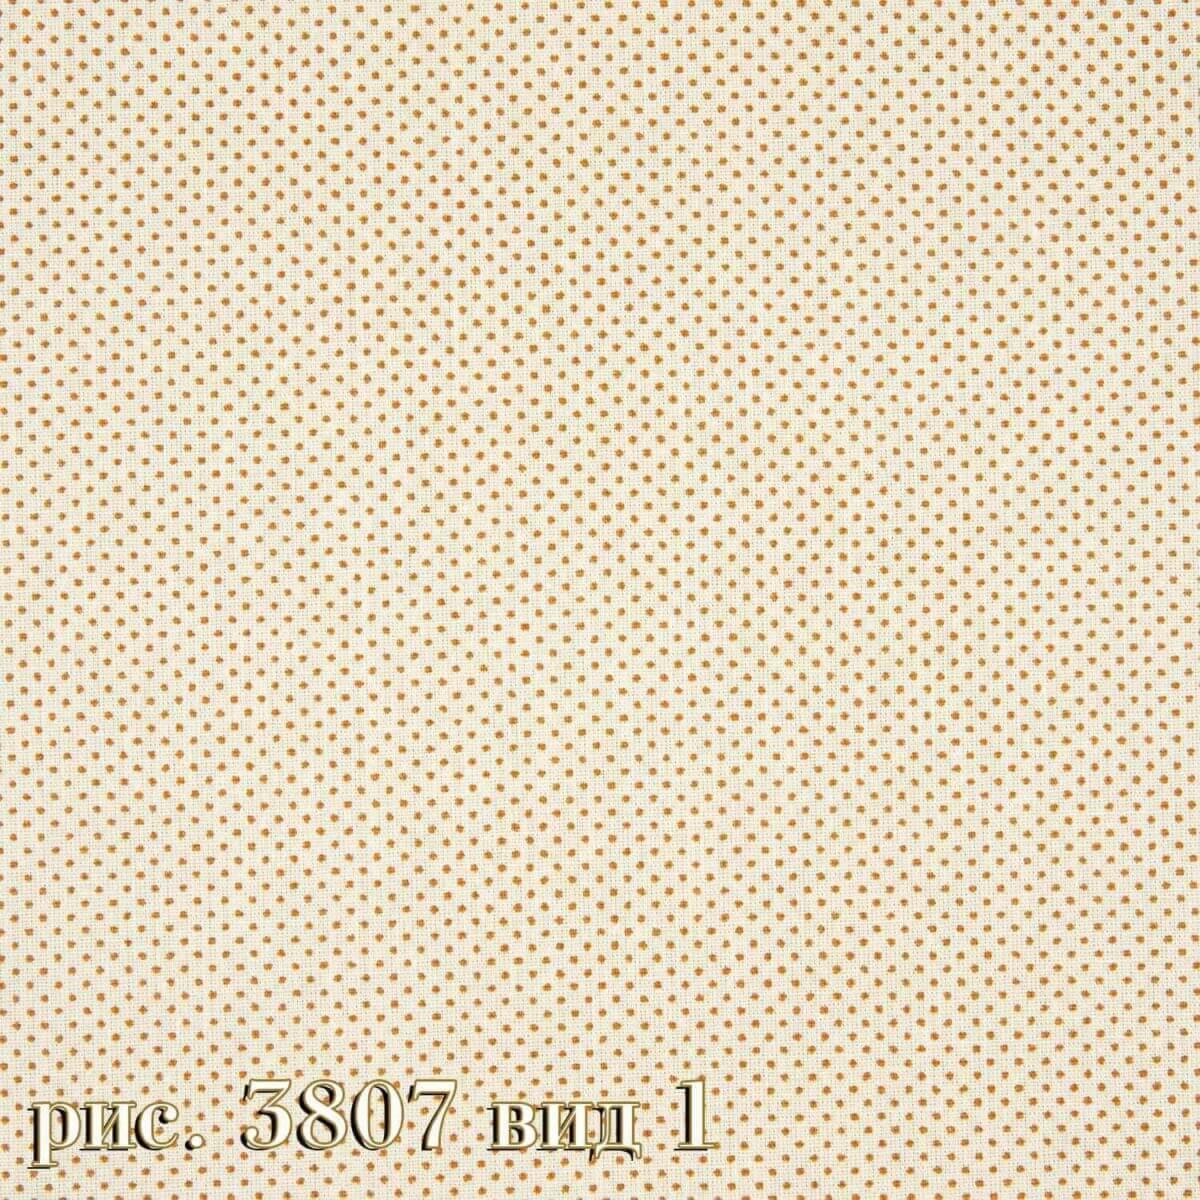 Фото 11 - Плательная ткань бязь 220 см (3807/8).